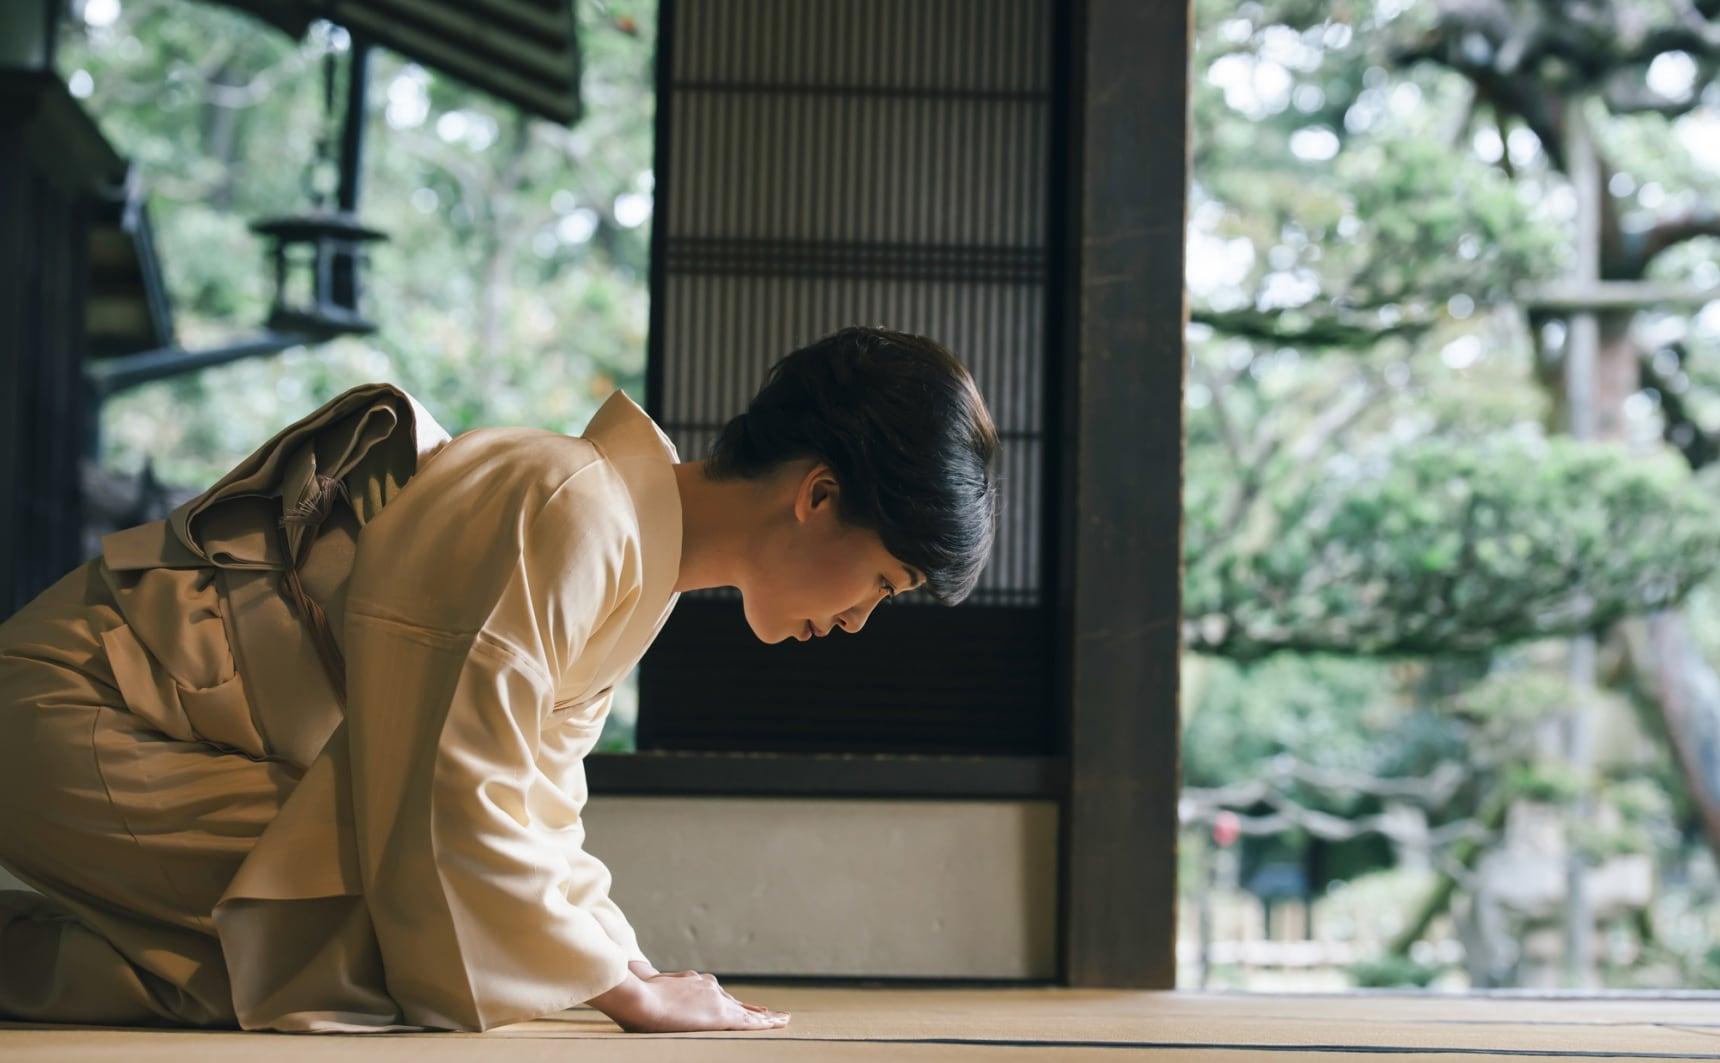 以心传心,以小见大 — 日本社会礼仪放大镜